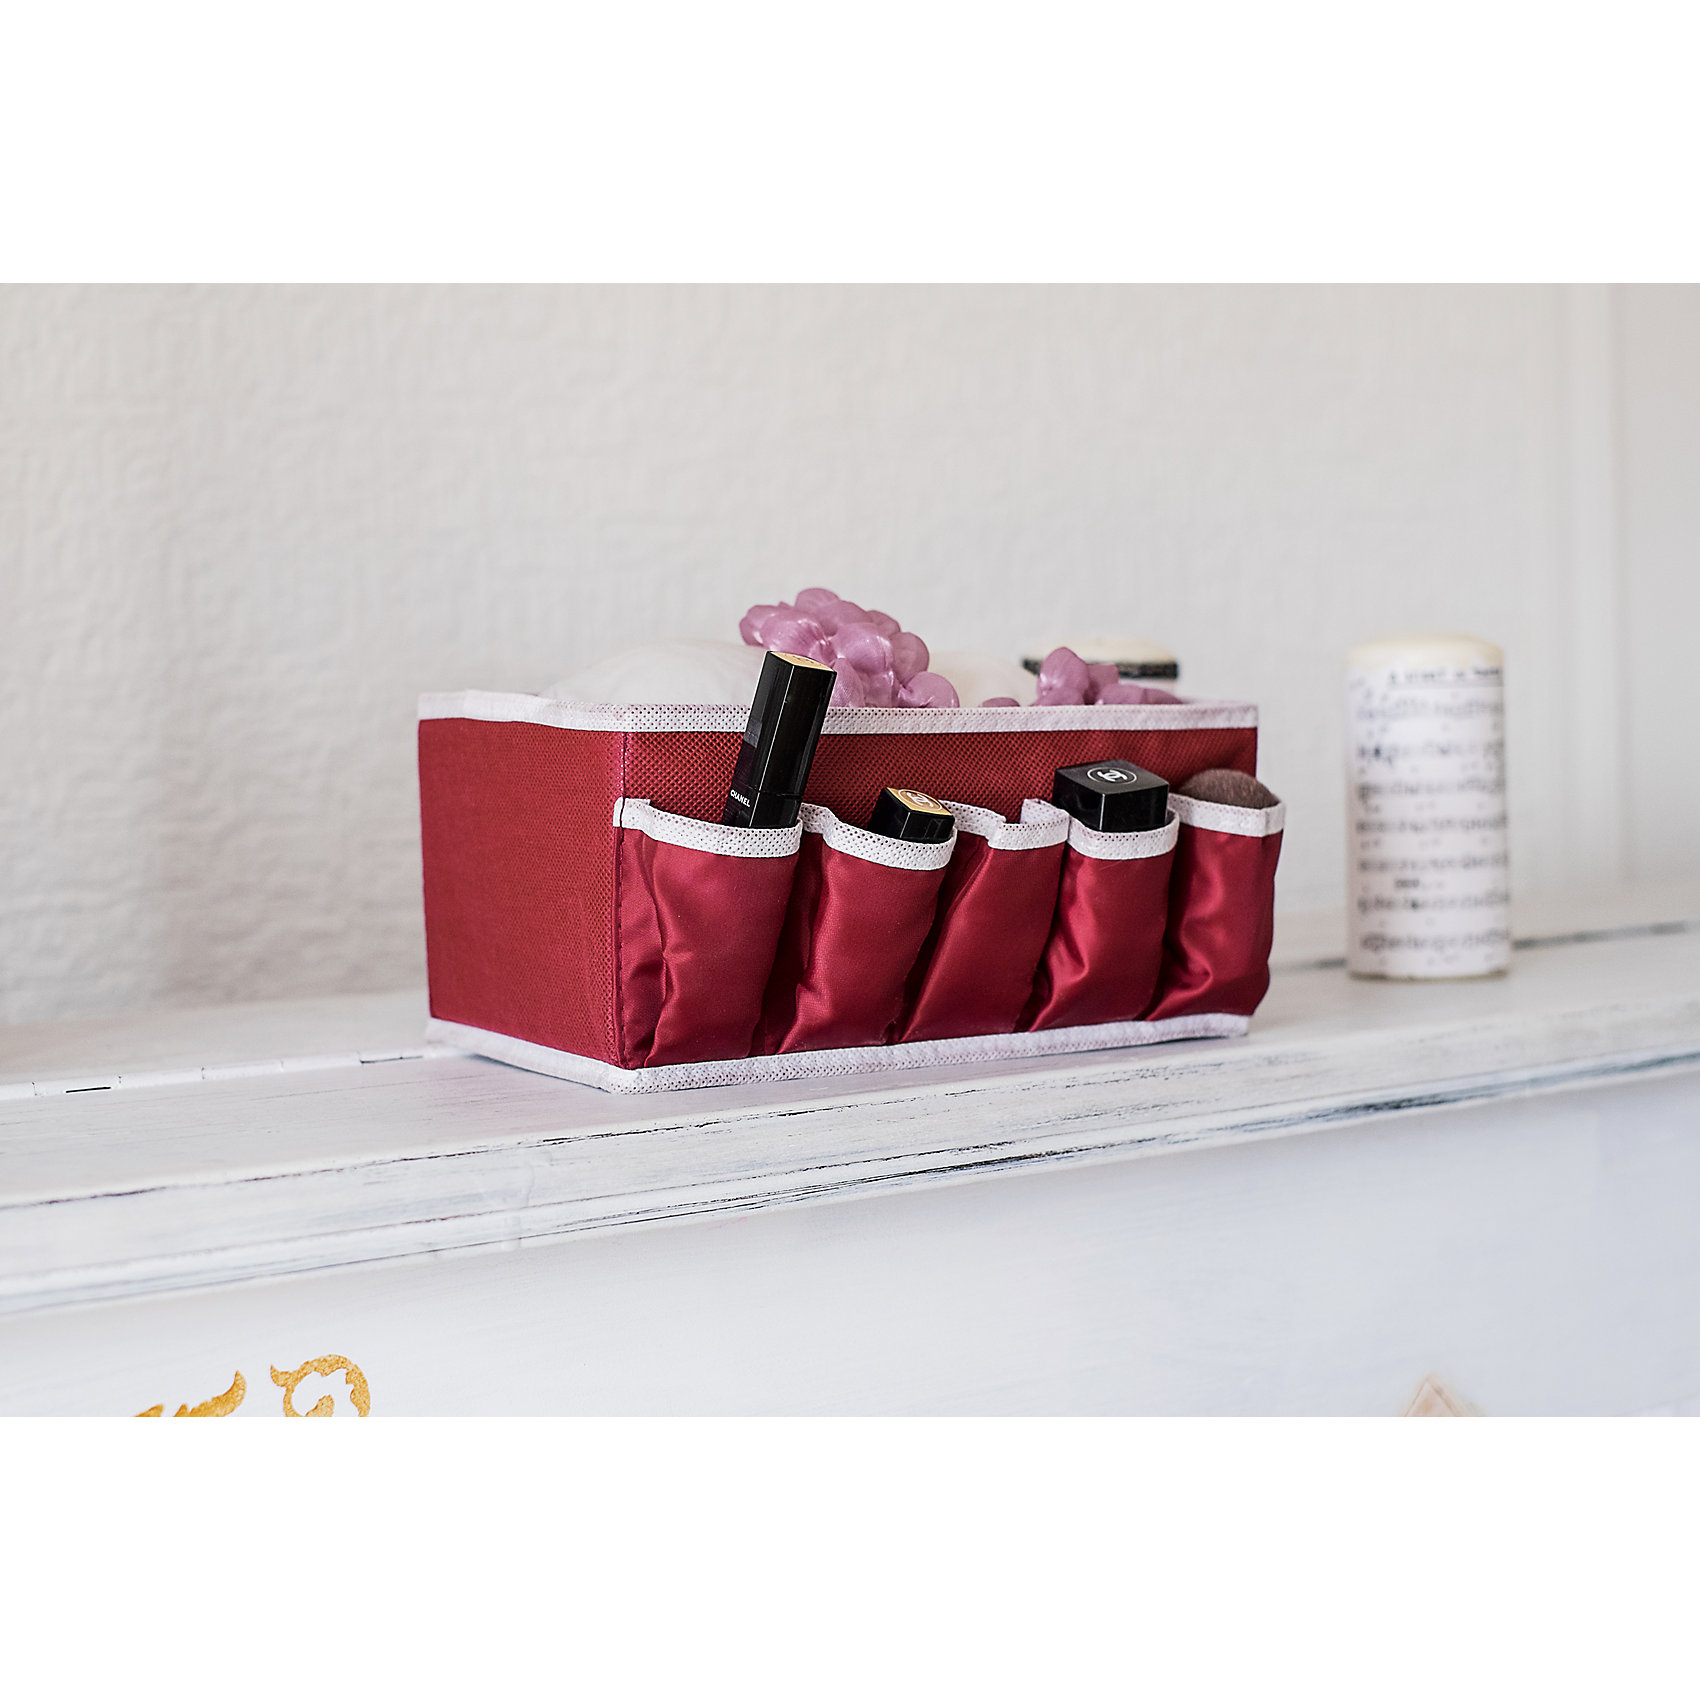 Коробочка для косметики и мелочей Red Rose, HomsuПорядок в детской<br>Универсальная коробочка для хранения любых вещей. Оптимальный размер позволяет хранить в ней любые вещи и предметы. Идеально подходит<br>в шкафы Экспедит от Икея.<br><br>Ширина мм: 420<br>Глубина мм: 150<br>Высота мм: 20<br>Вес г: 100<br>Возраст от месяцев: 216<br>Возраст до месяцев: 1188<br>Пол: Унисекс<br>Возраст: Детский<br>SKU: 5620232